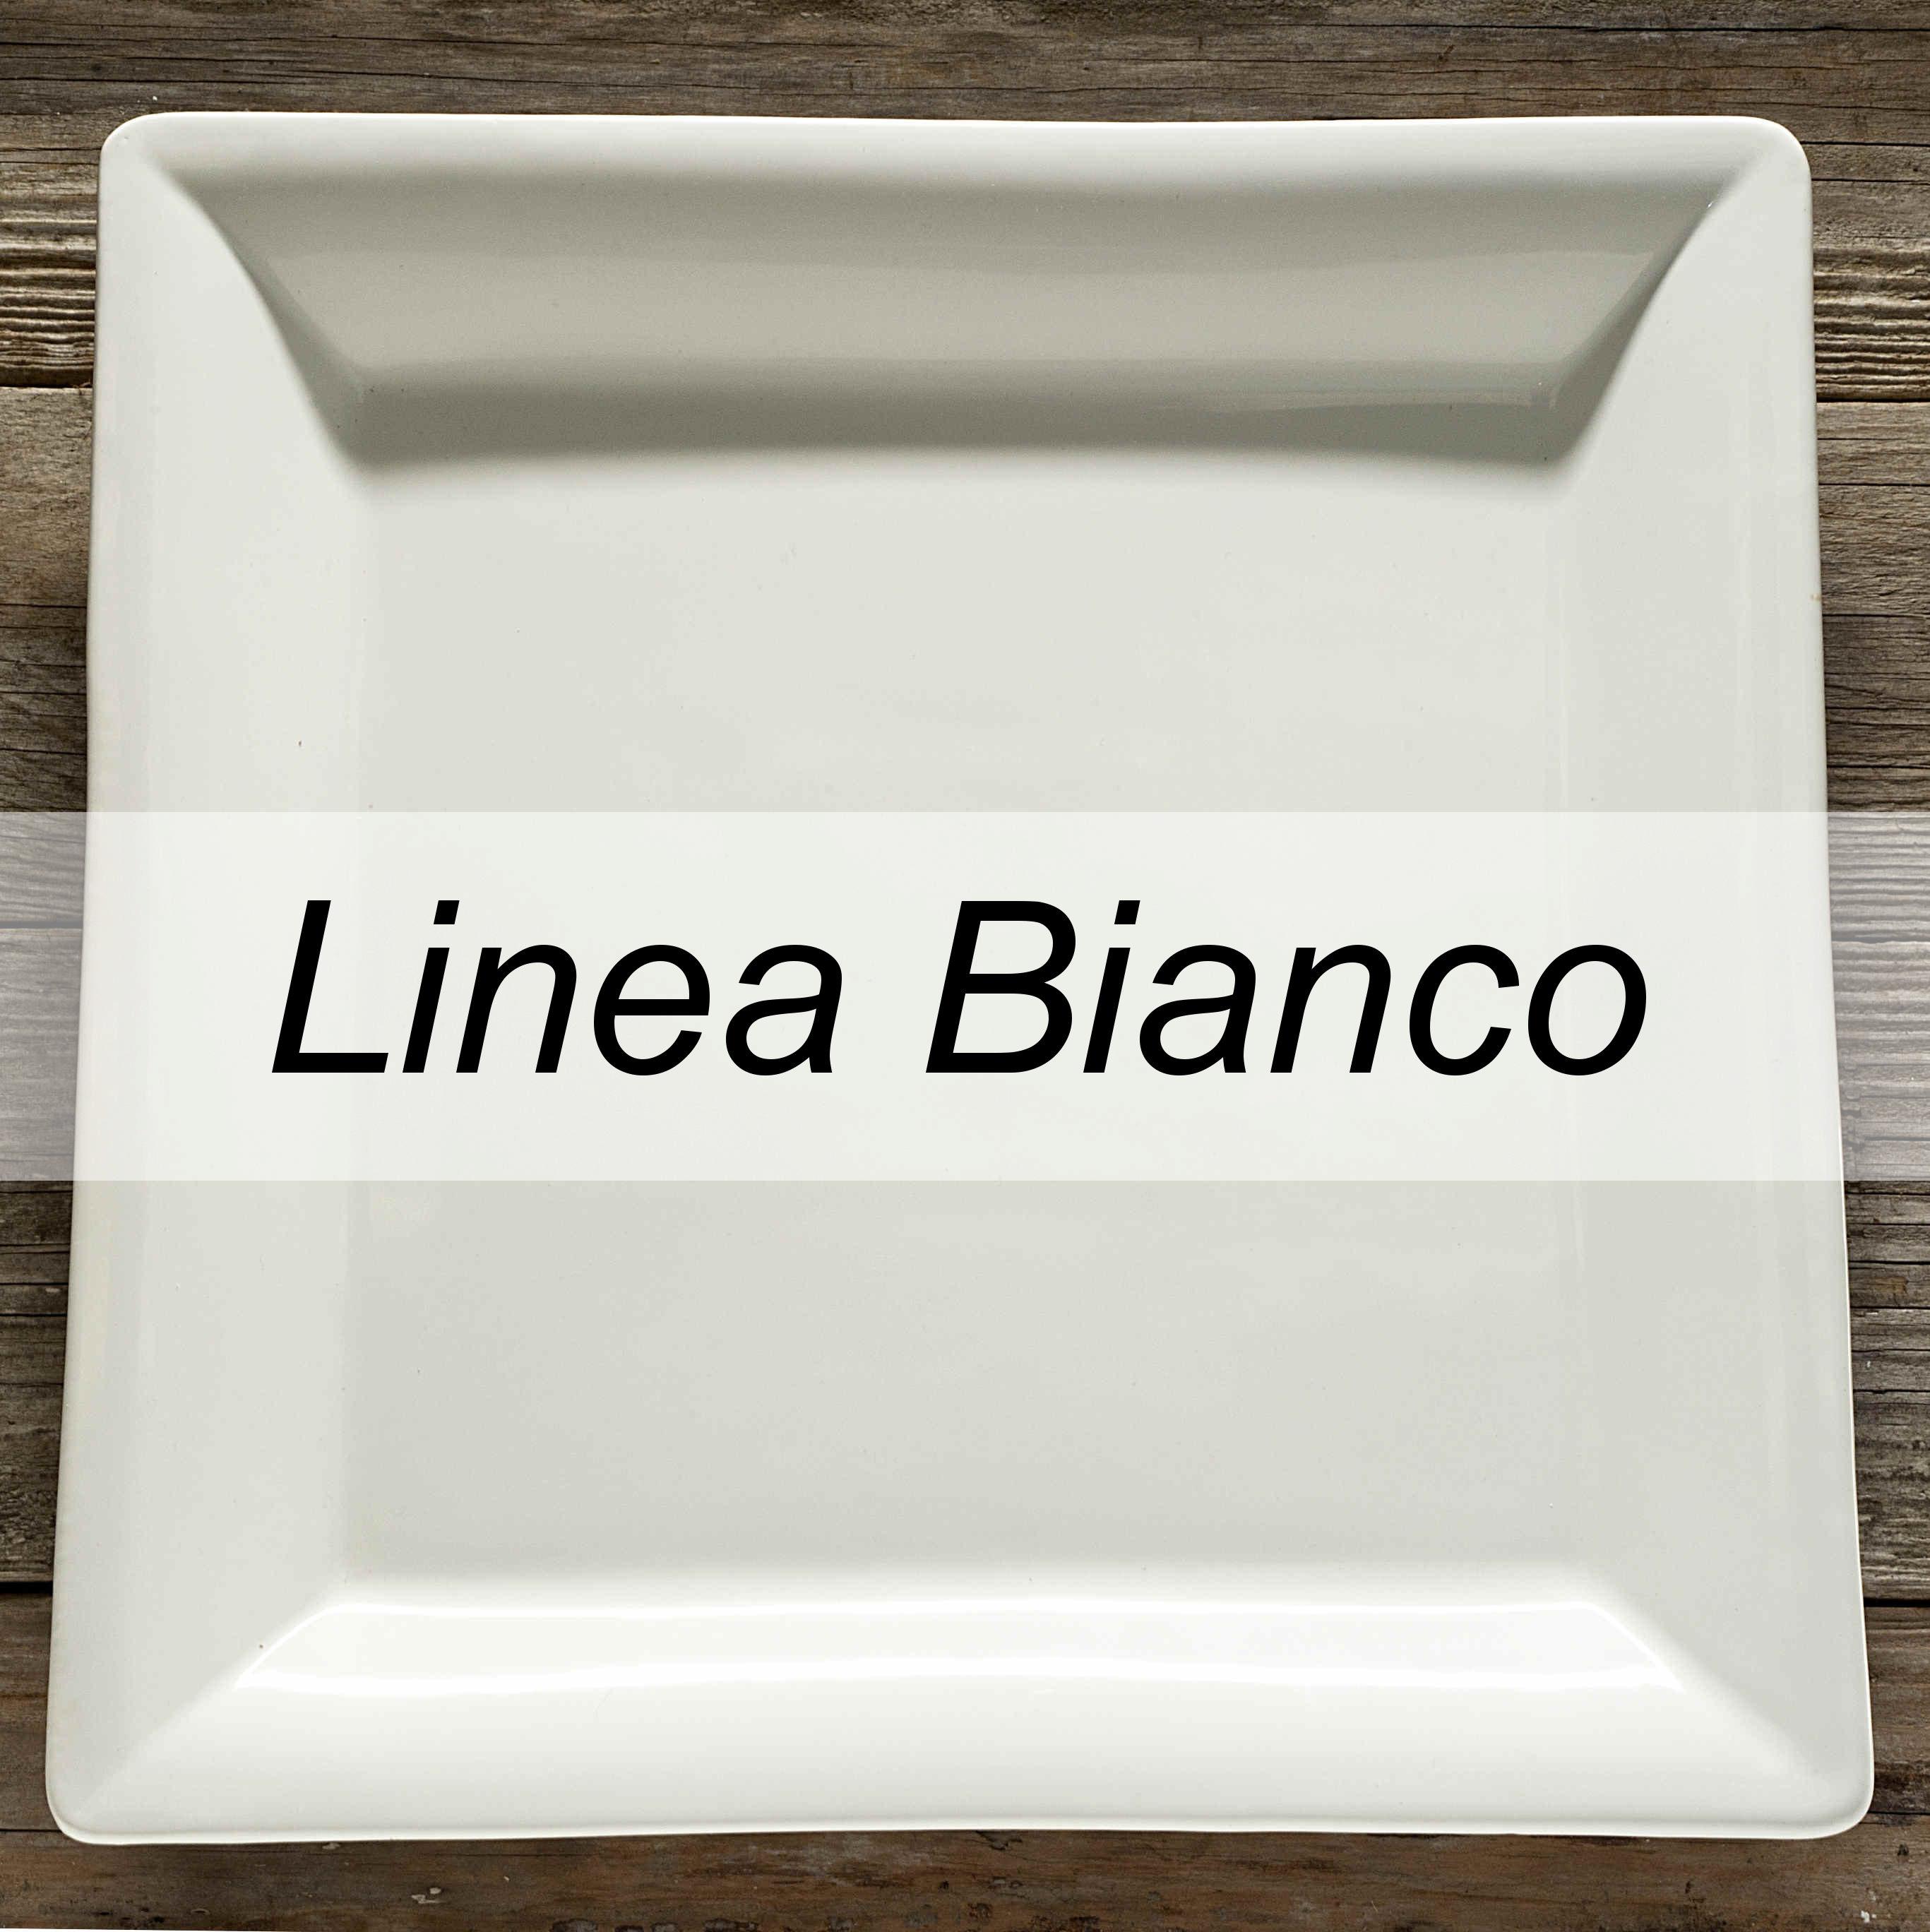 Ceramica Tiffany Civita Castellana.La Nostra Ceramica Artigianale Negozio Di Piatti E Stoviglie